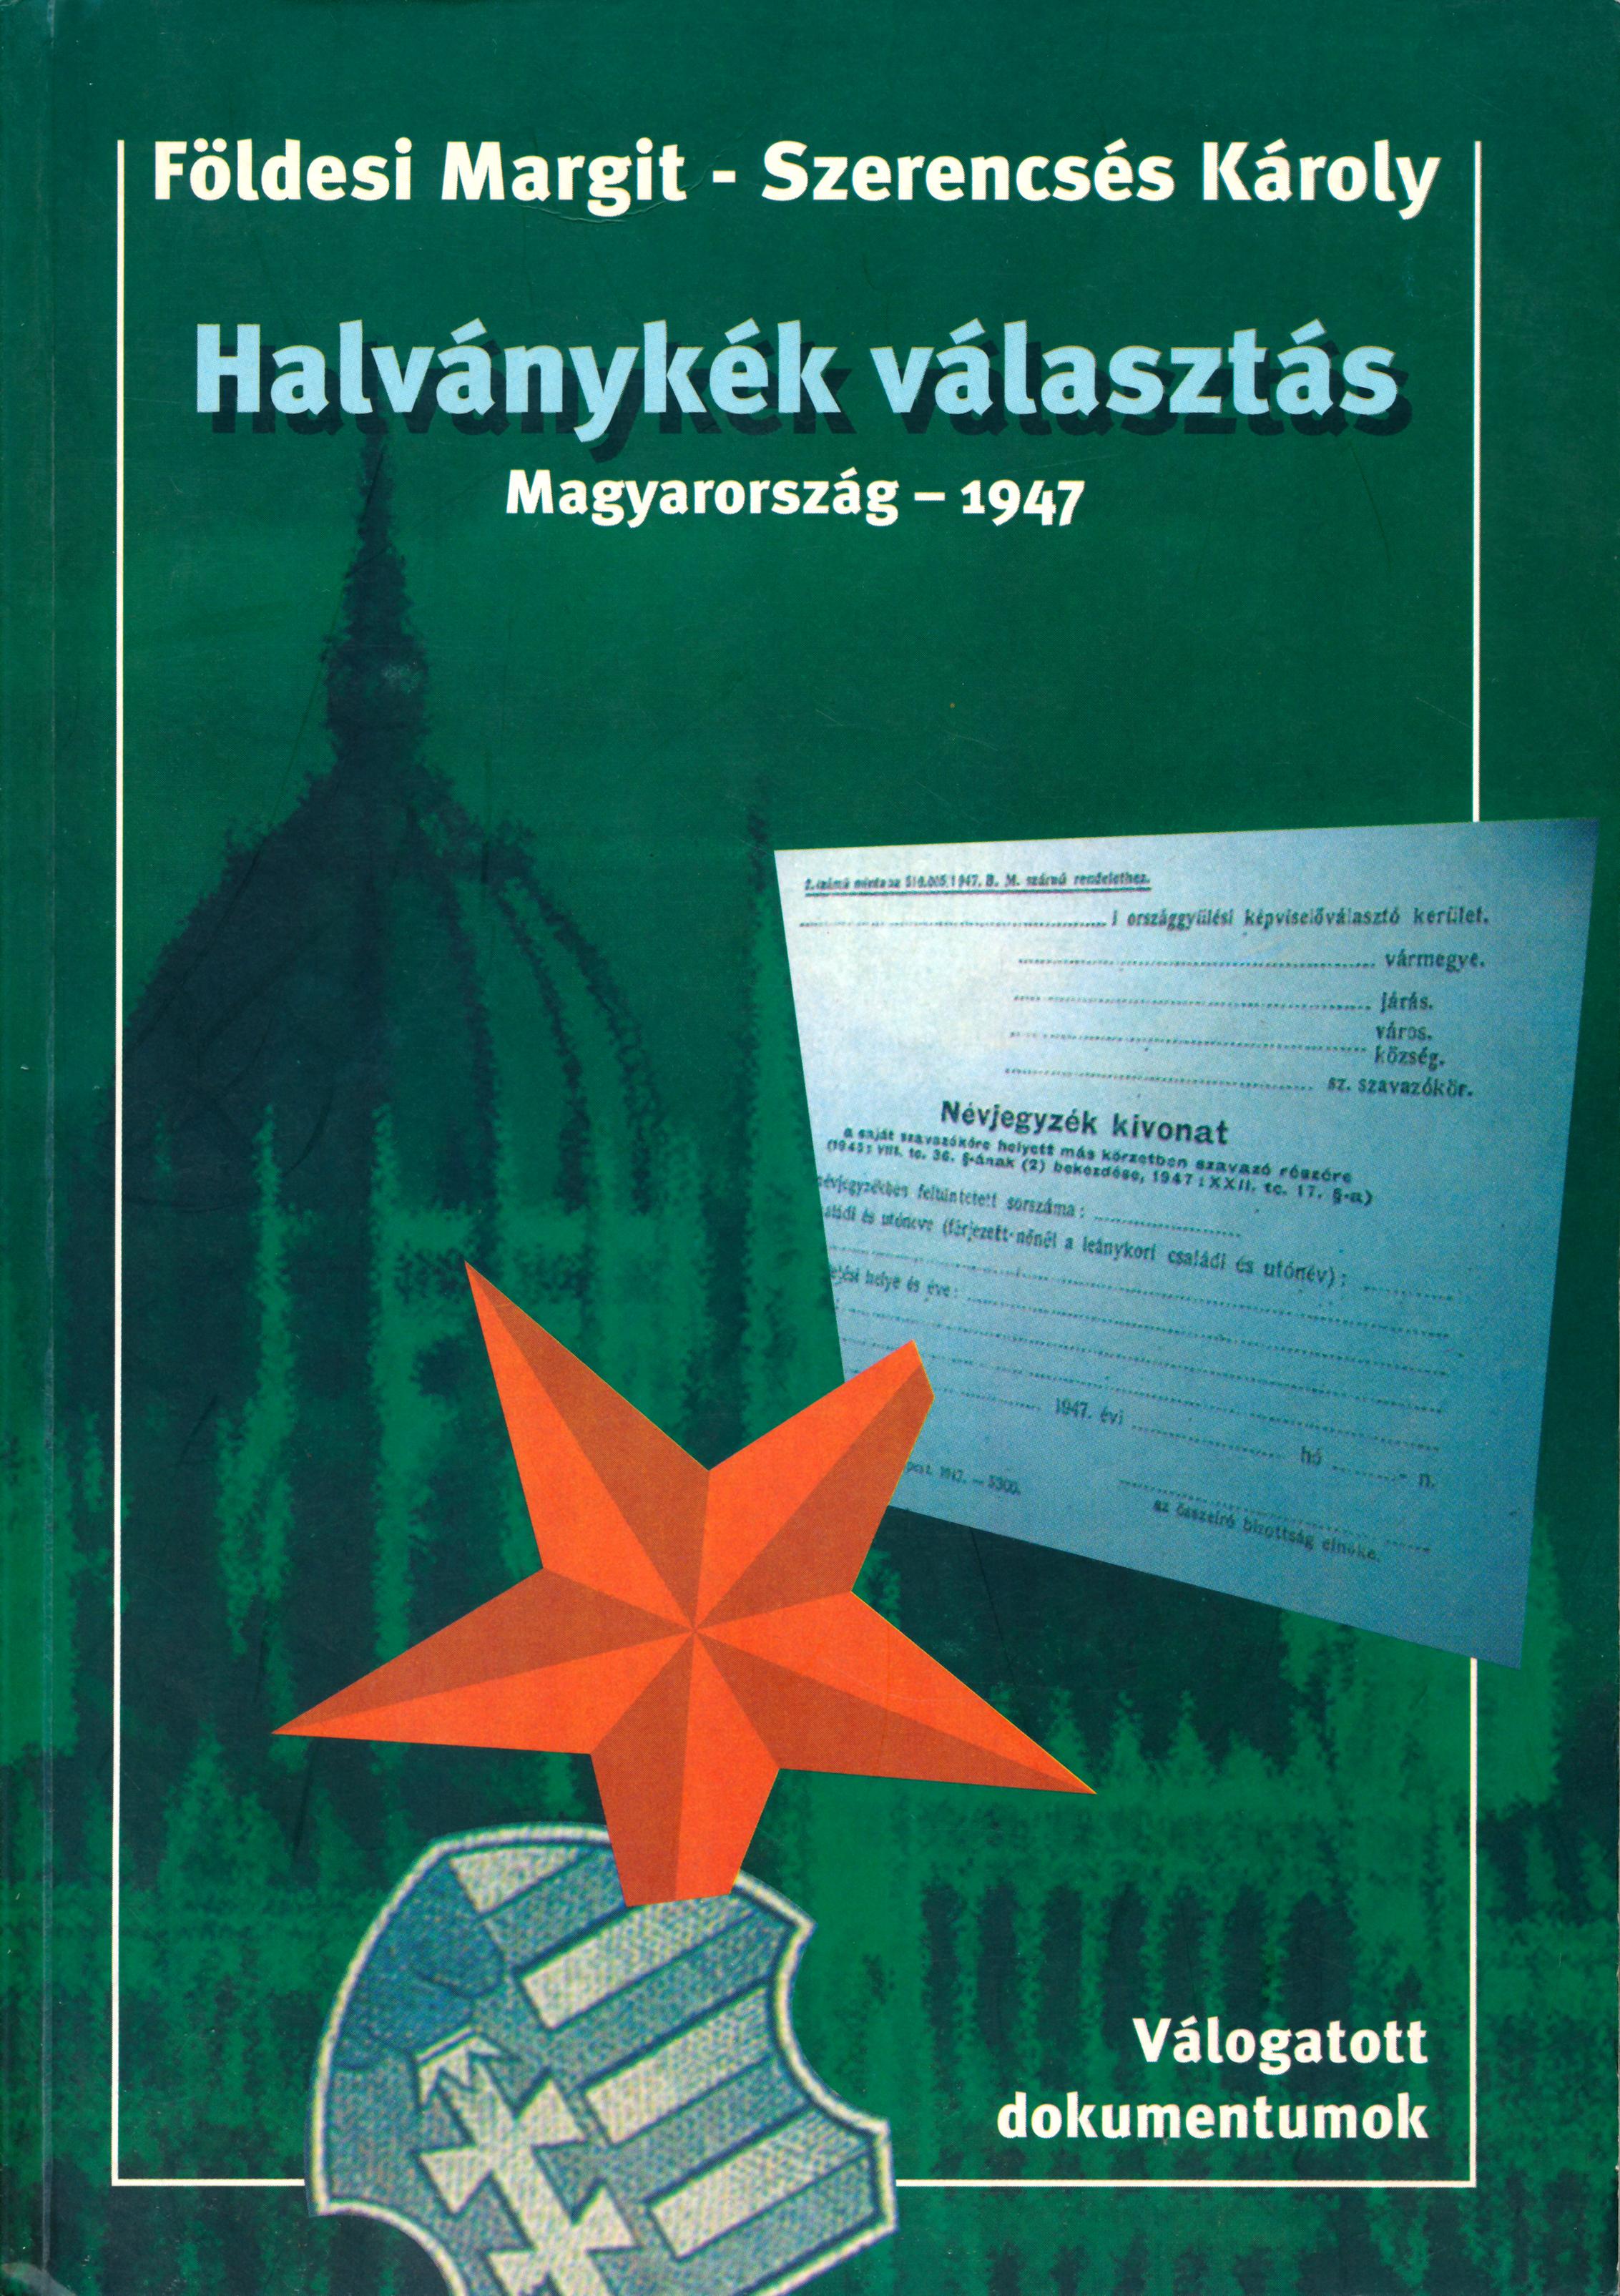 Halványkék választás – Magyarország – 1947